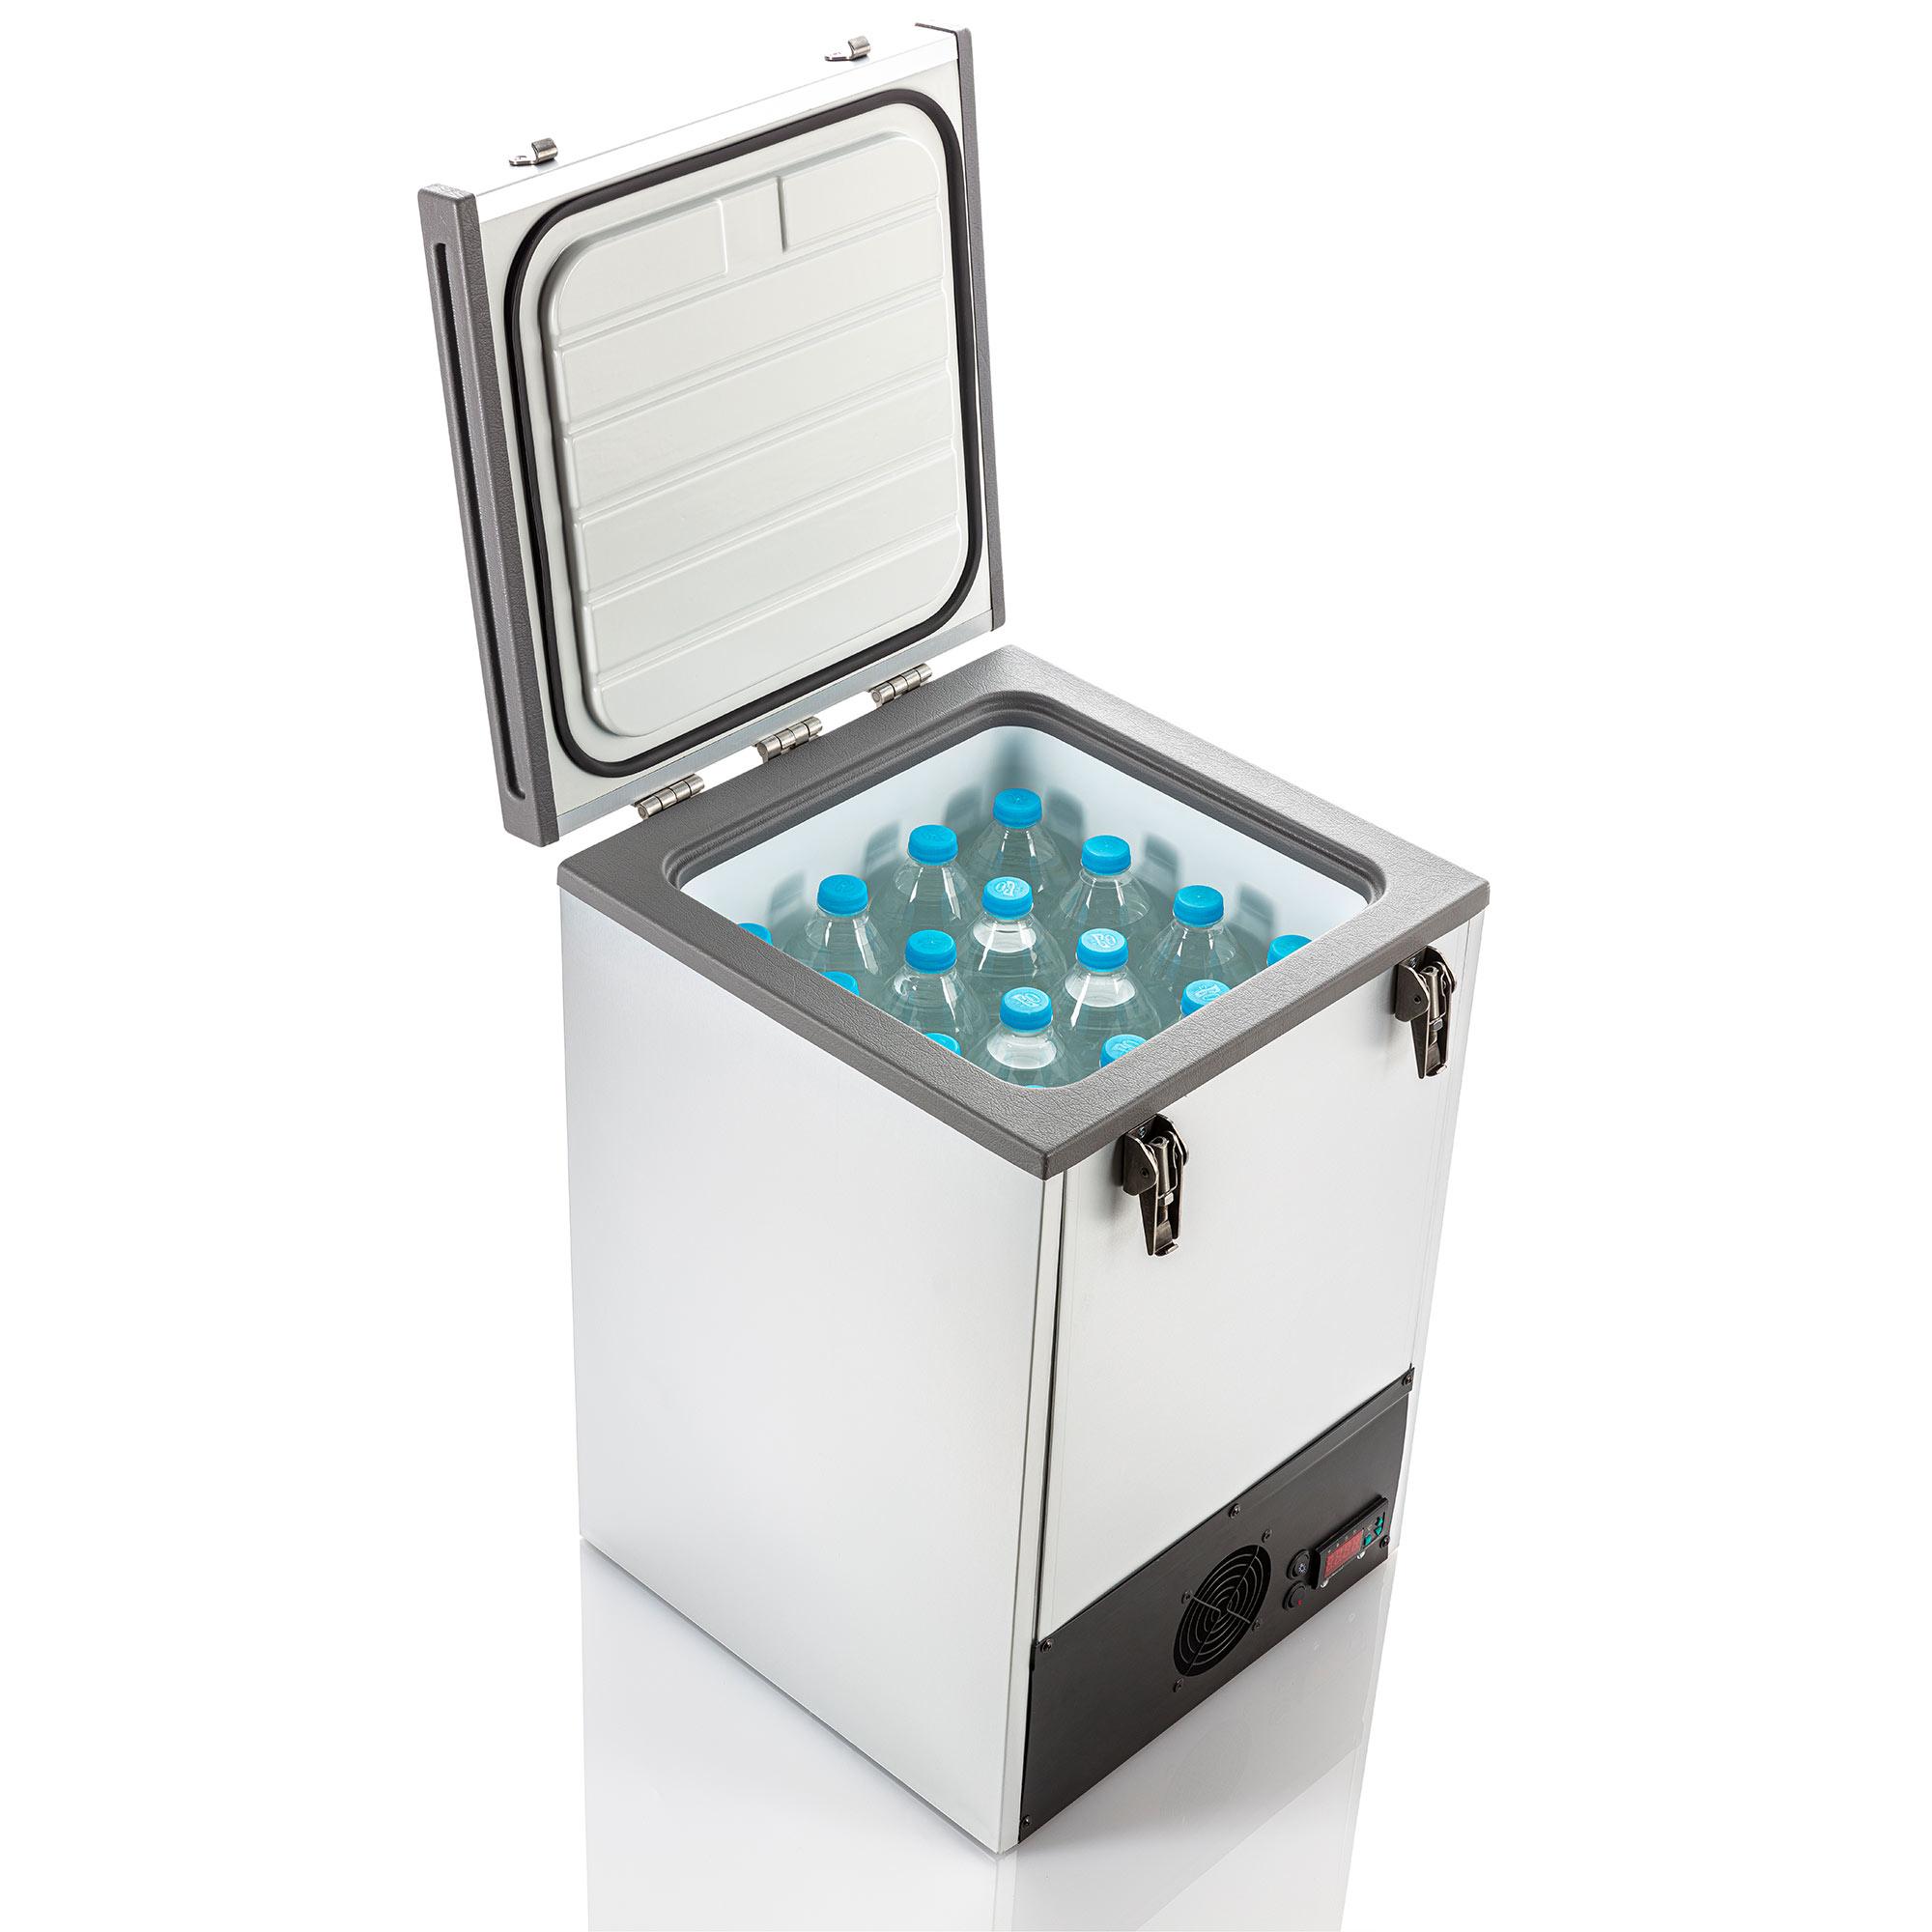 MPM 4262 / 36 LT Soğutucu Araç Buzdolabı